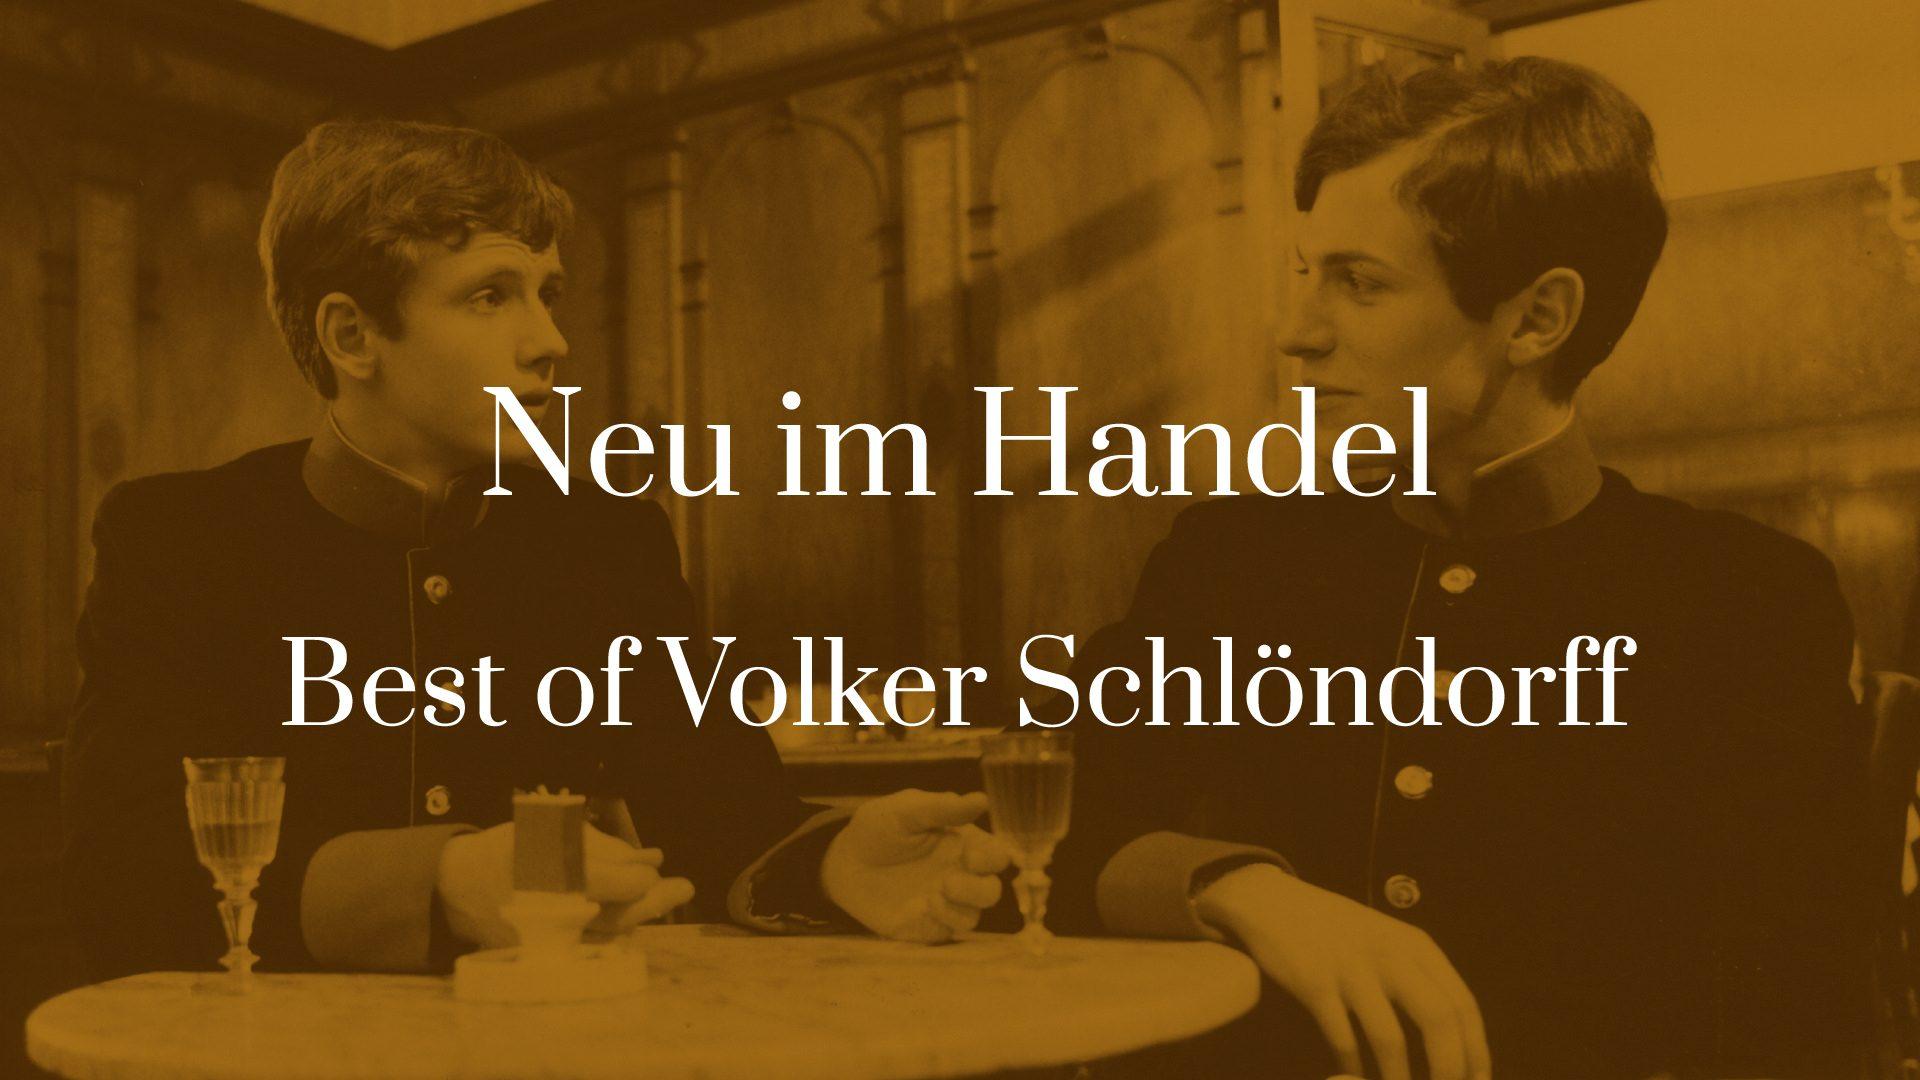 Titelbild von Neu im Handel - Best of Volker Schlöndorff